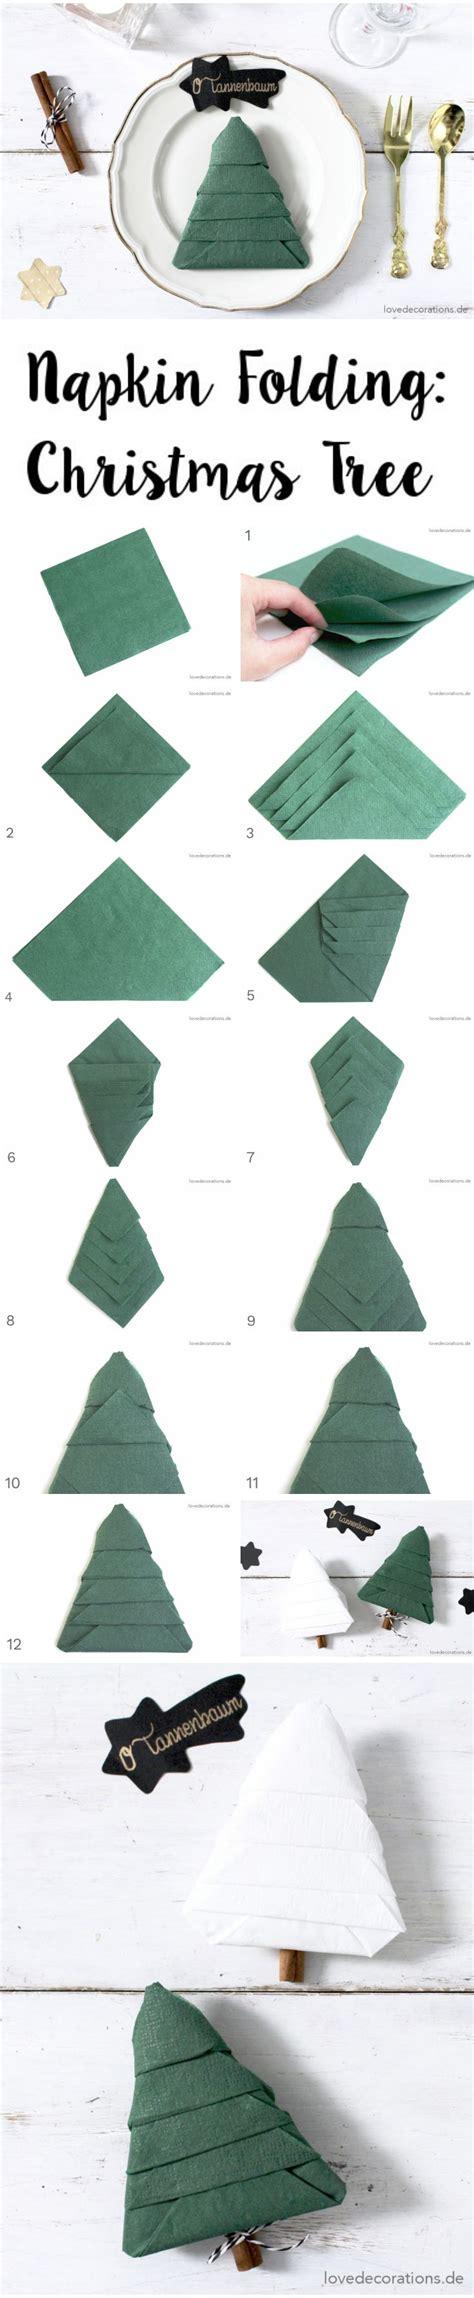 tannenbaum aus servietten basteln 25 best ideas about napkins on